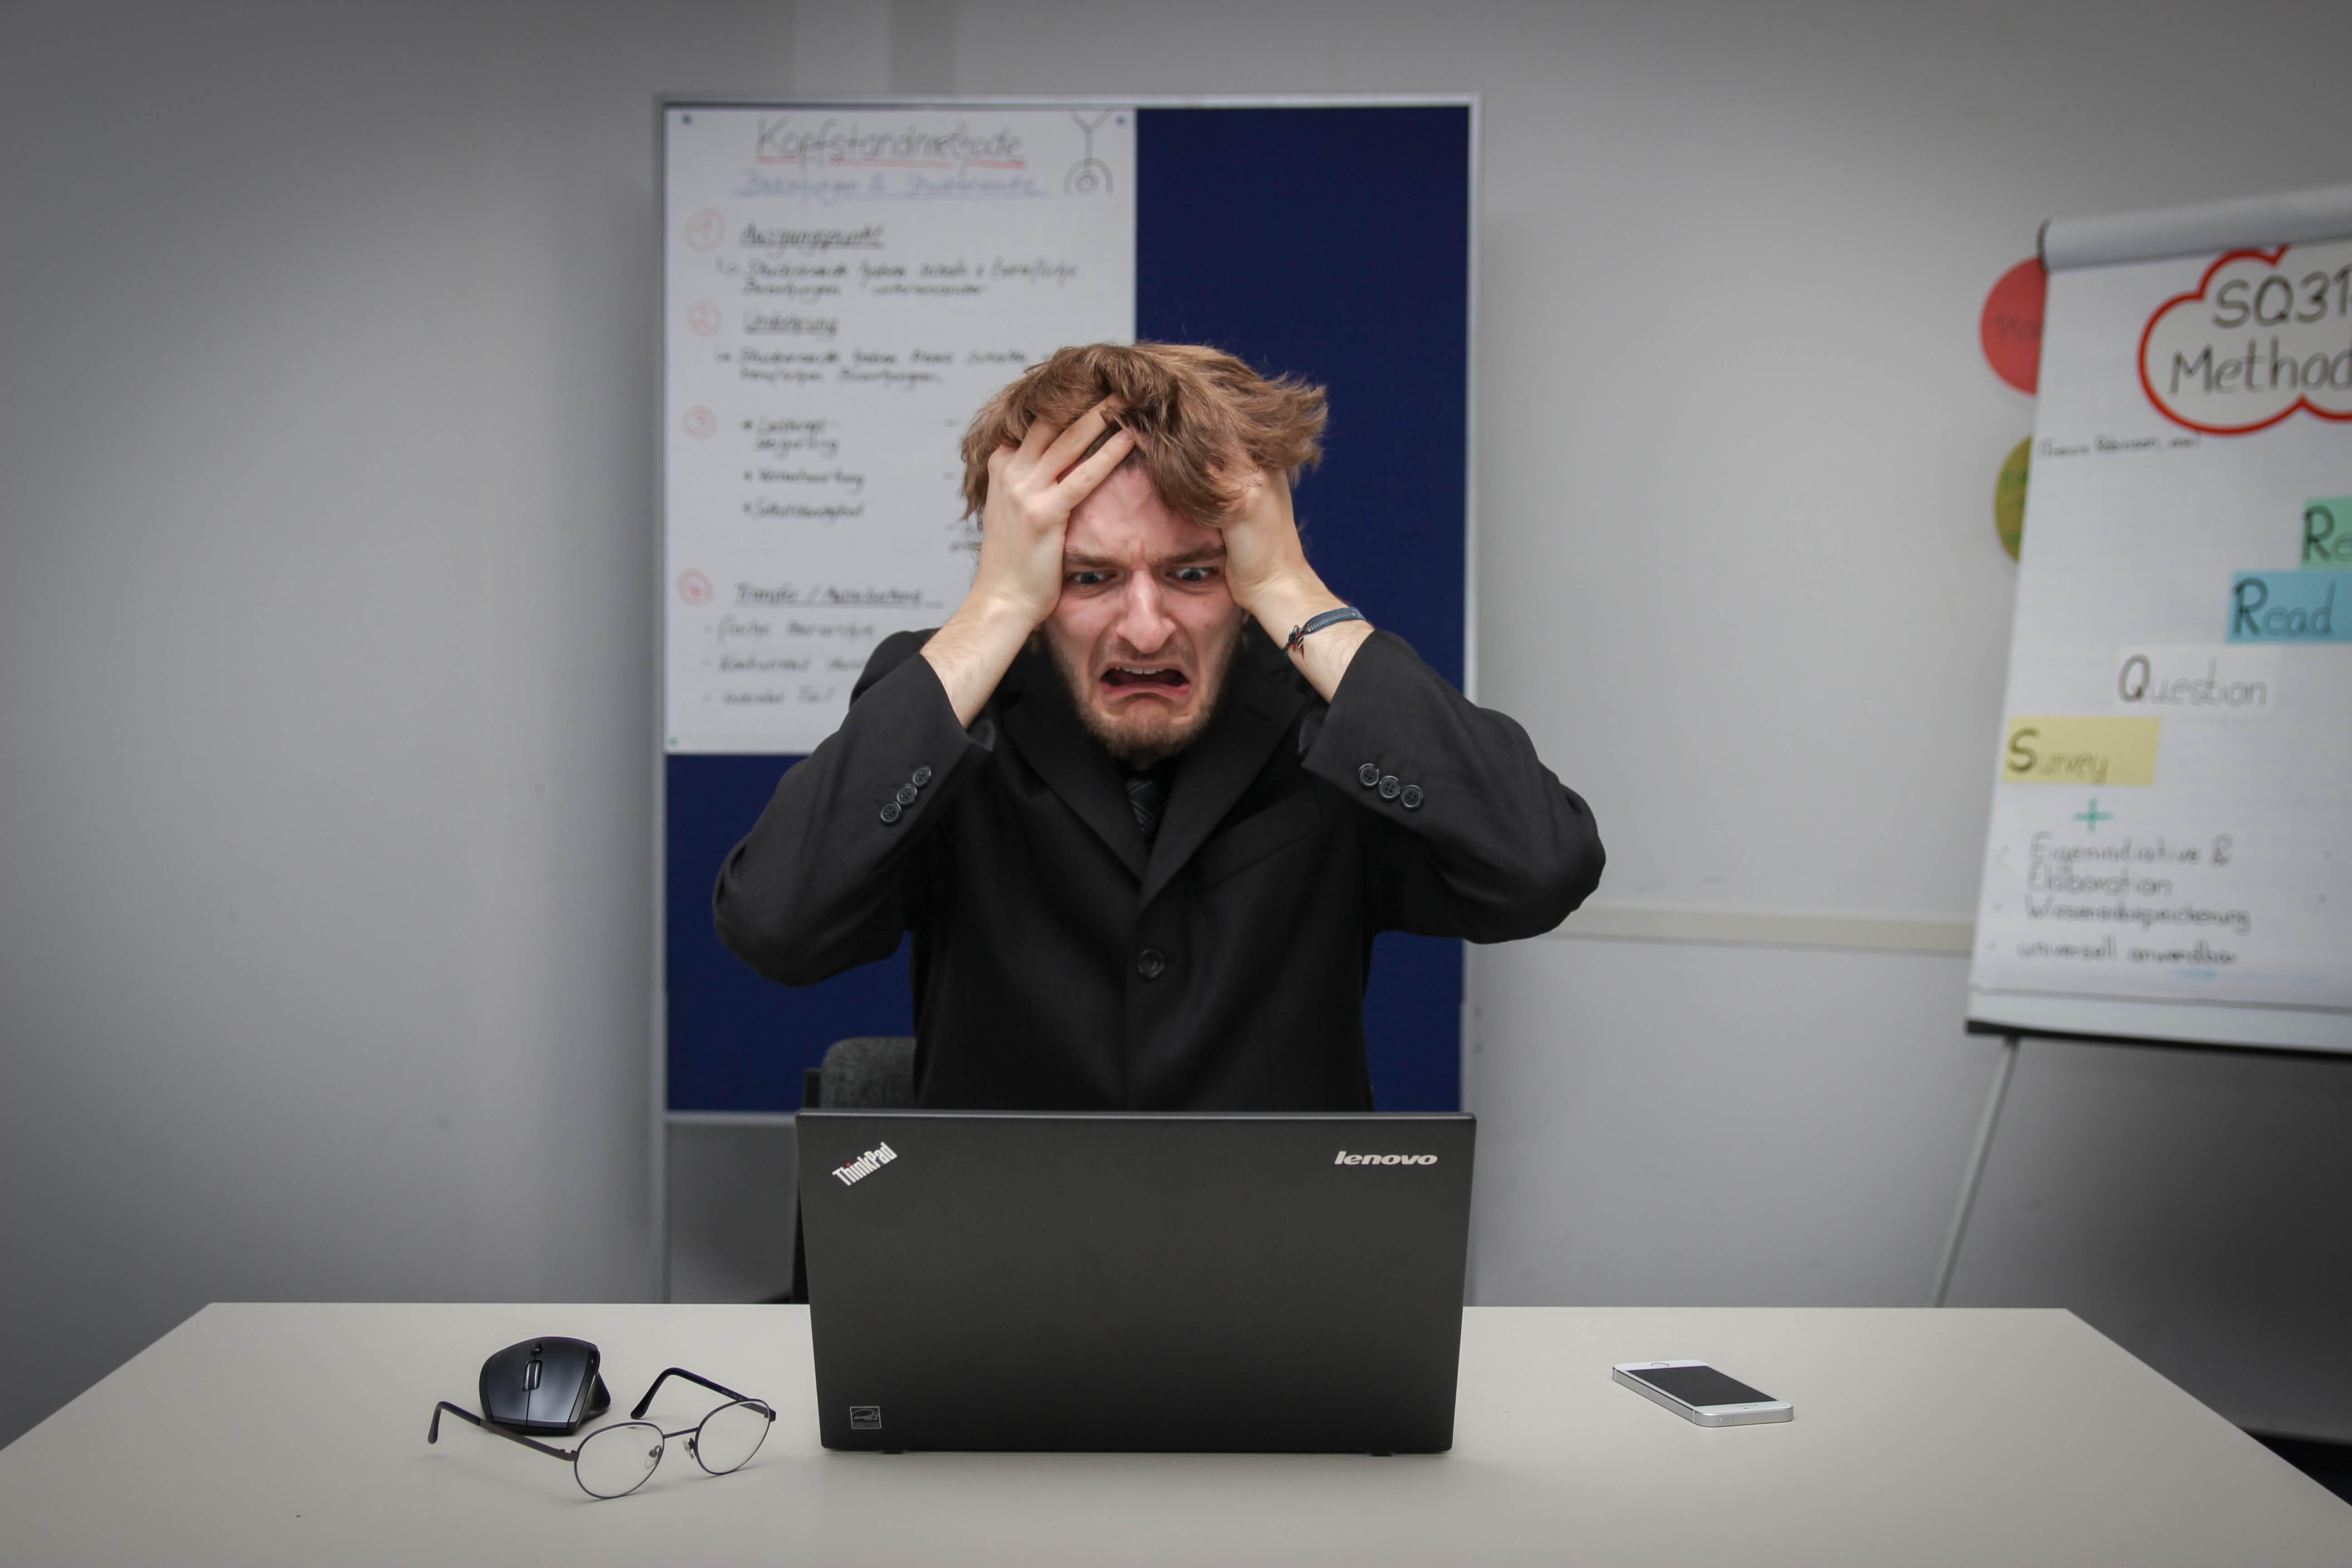 Nastavnici u mukama: Trikovima na Zoomu učenici izbjegavaju online nastavu